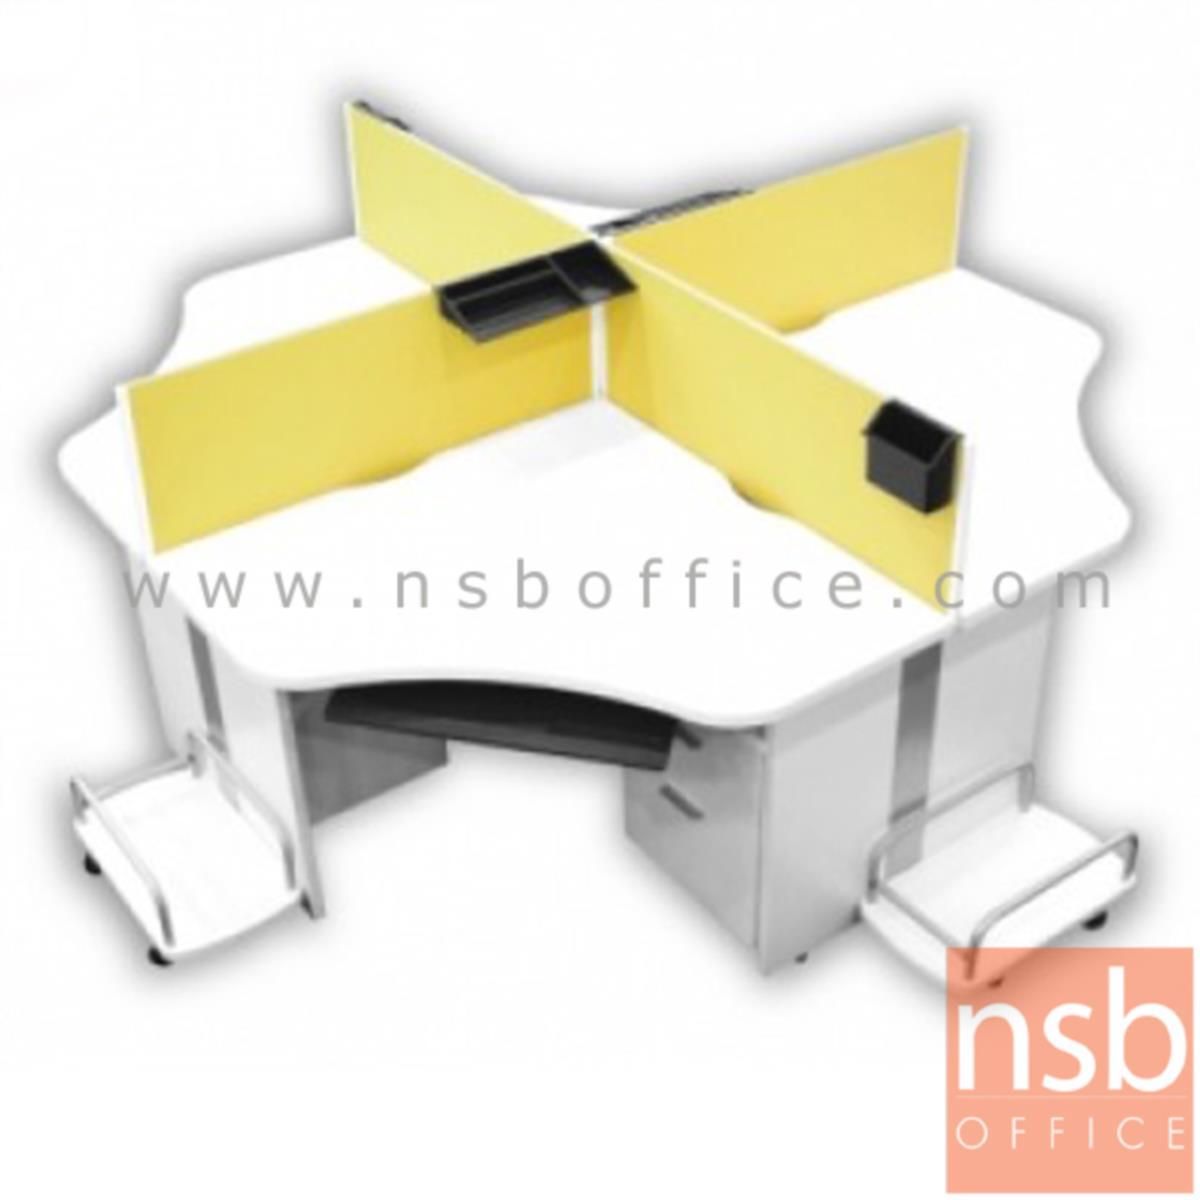 ชุดโต๊ะทำงานกลุ่ม 4 ที่นั่ง  รุ่น CALL-SET01 ขนาด 210W cm. พร้อมด้วยมินิสกรีนบุผ้า